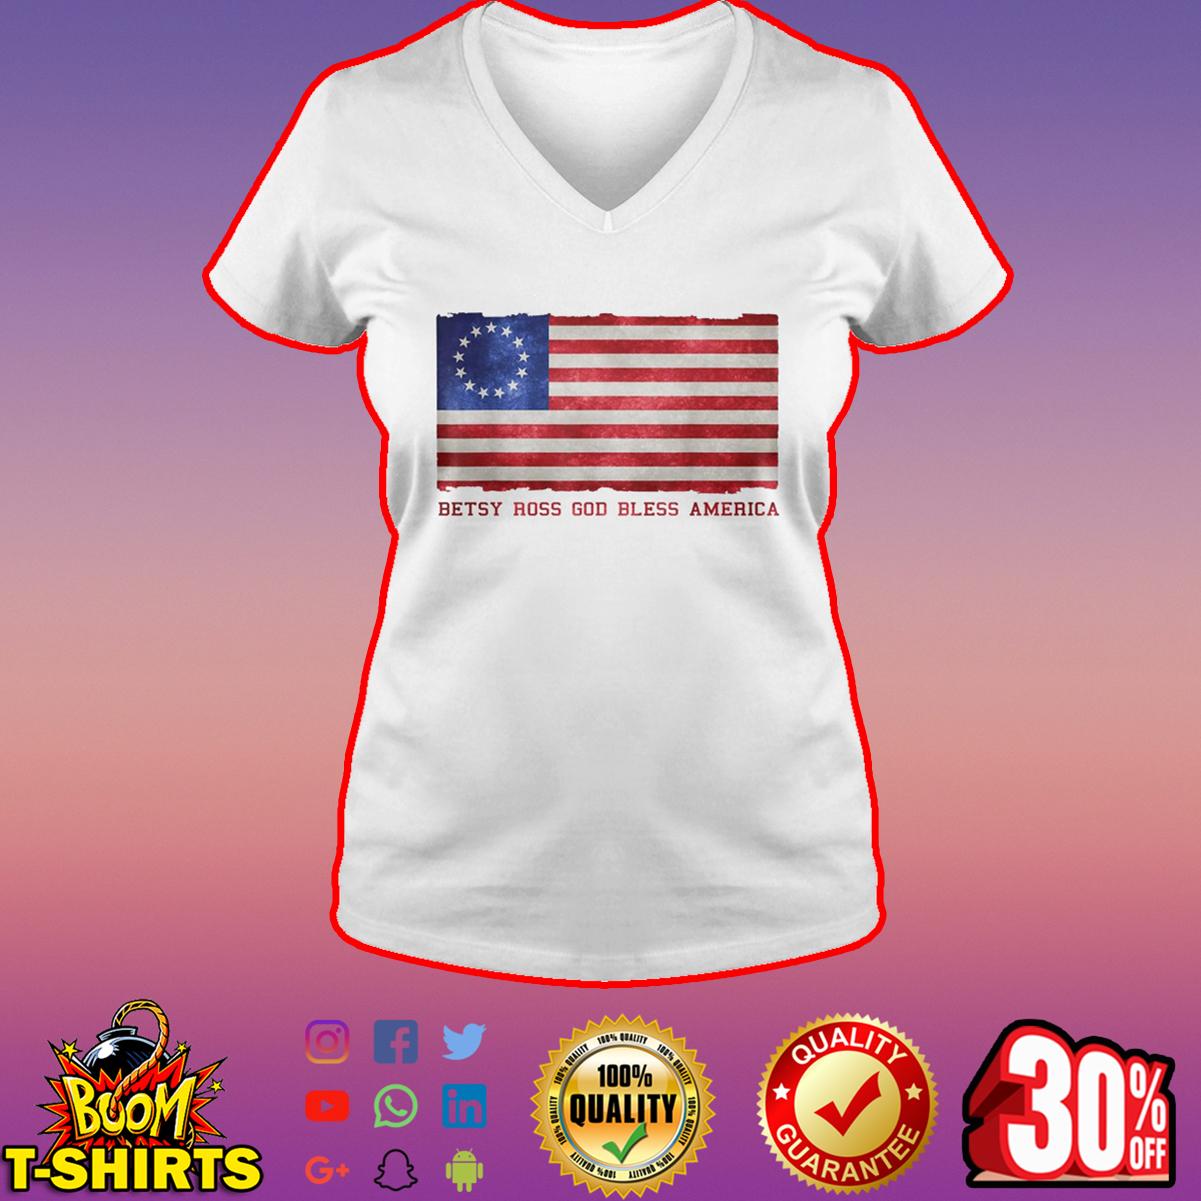 Betsy Ross God bless America v-neck